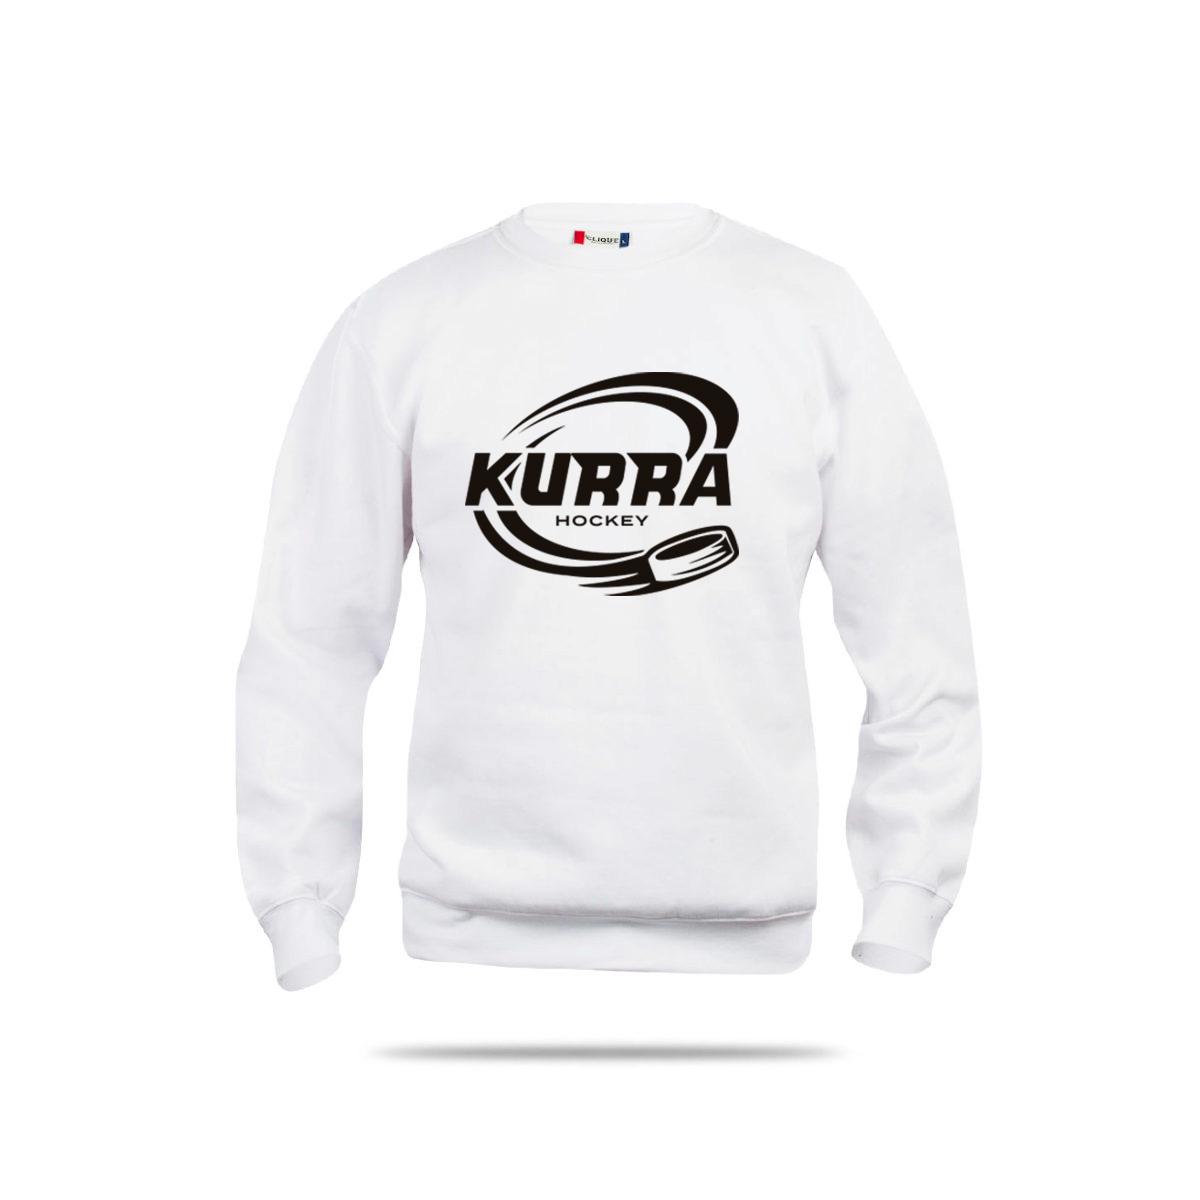 Kurra-Mono-3023-valkoinen